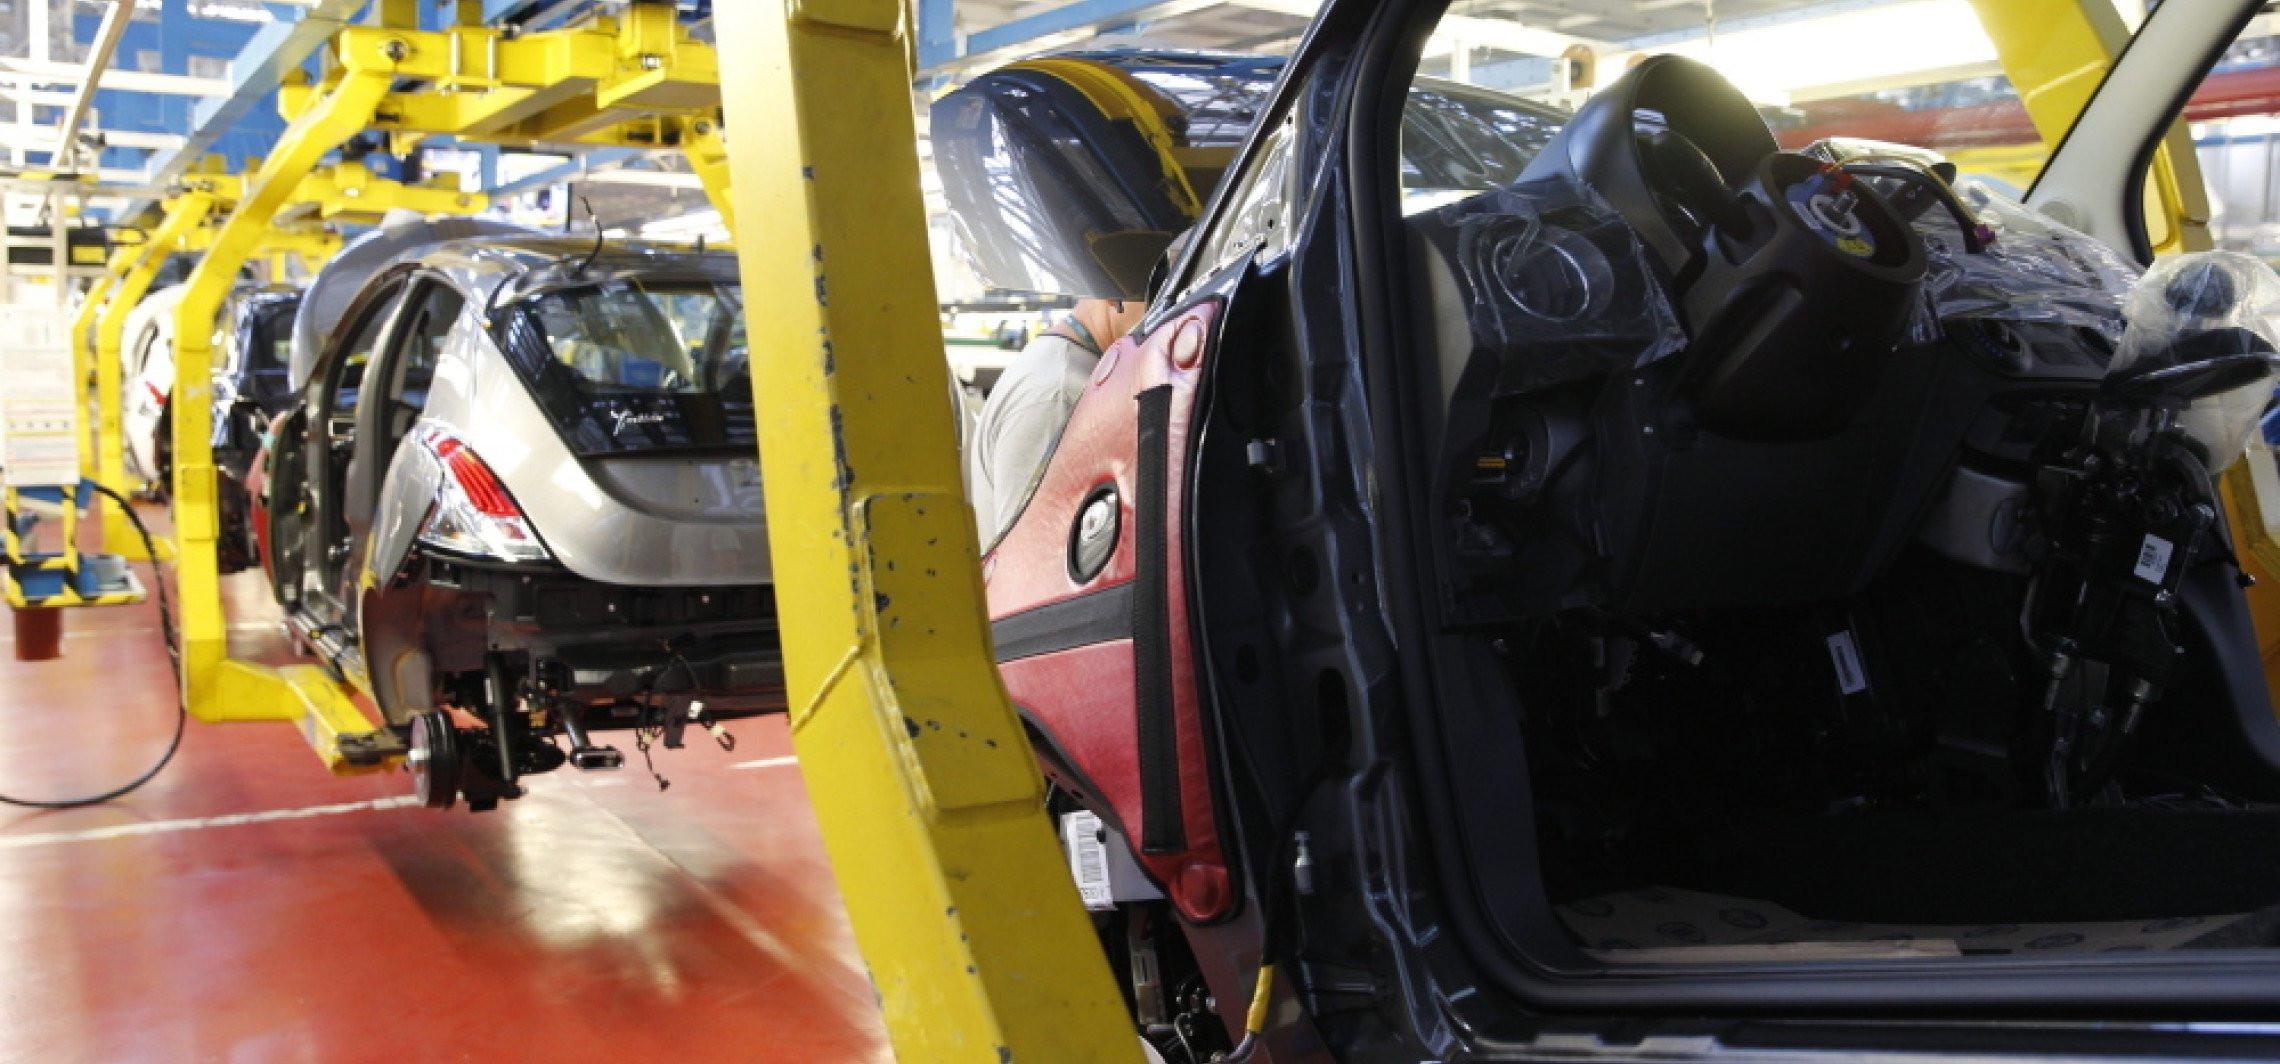 Fabryka w Tychach wyprodukuje hybrydowe i elektryczne samochody marek Jeep, Fiat i Alfa Romeo